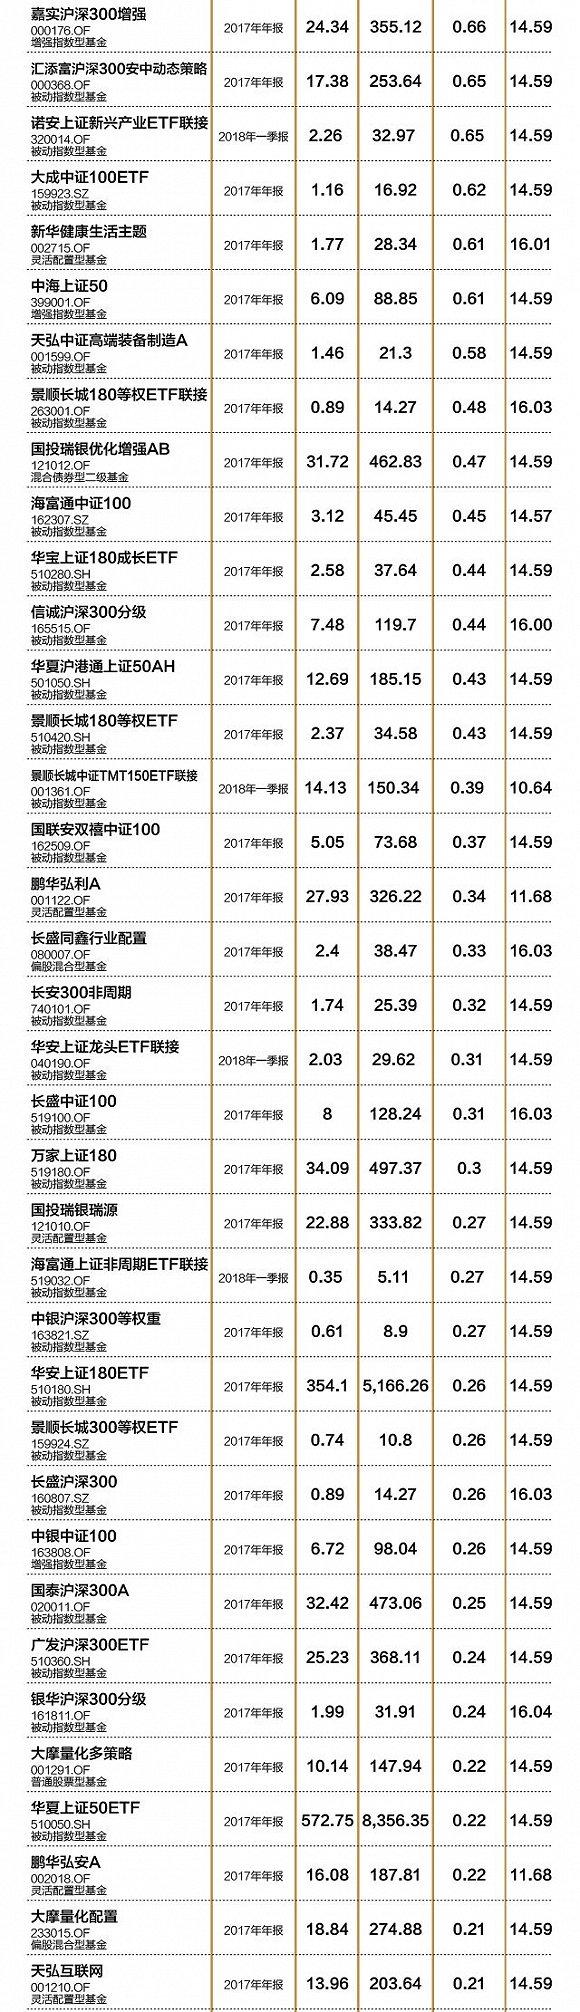 信威危机引17亿机构资金出逃 鹏华自掏腰包补差额